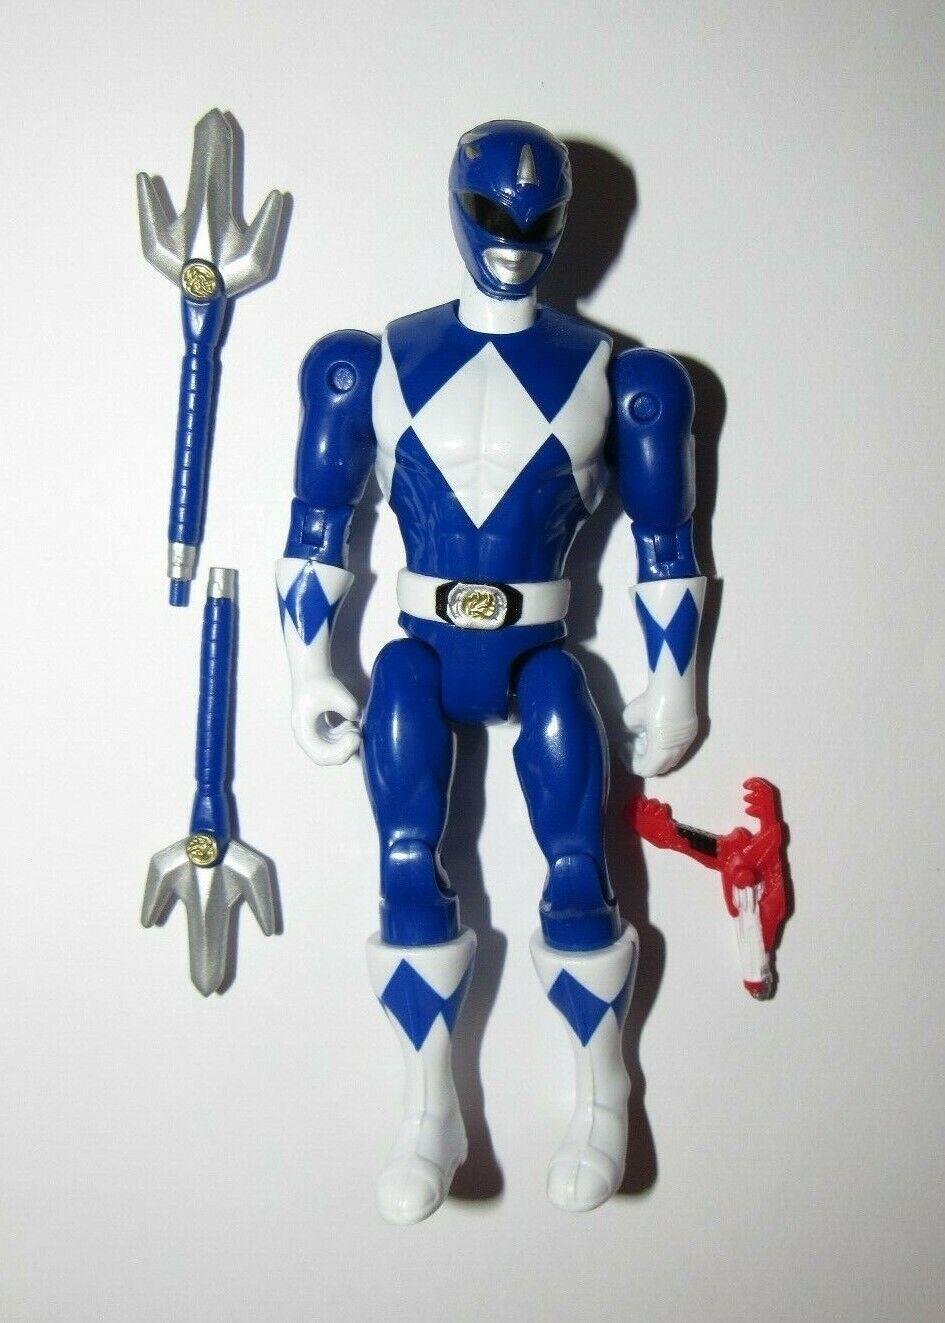 Power Rangers moderne 5  Figure alors & maintenant  Classic bleu Ranger  magnifique